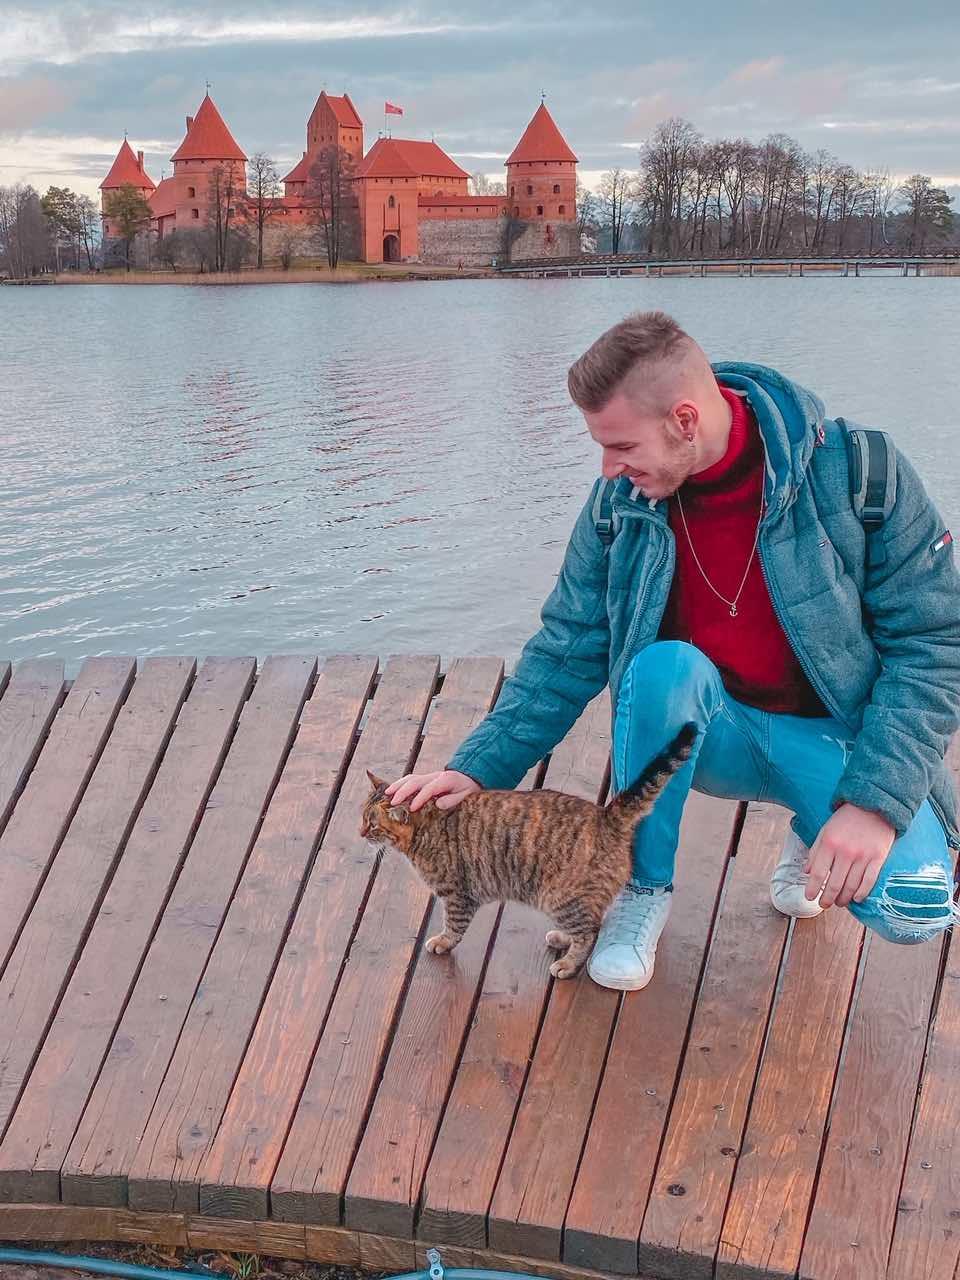 ragazzo che accarezza un gatto sul pontile che si affaccia sul lago intorno al castello di Trakai in Lituania